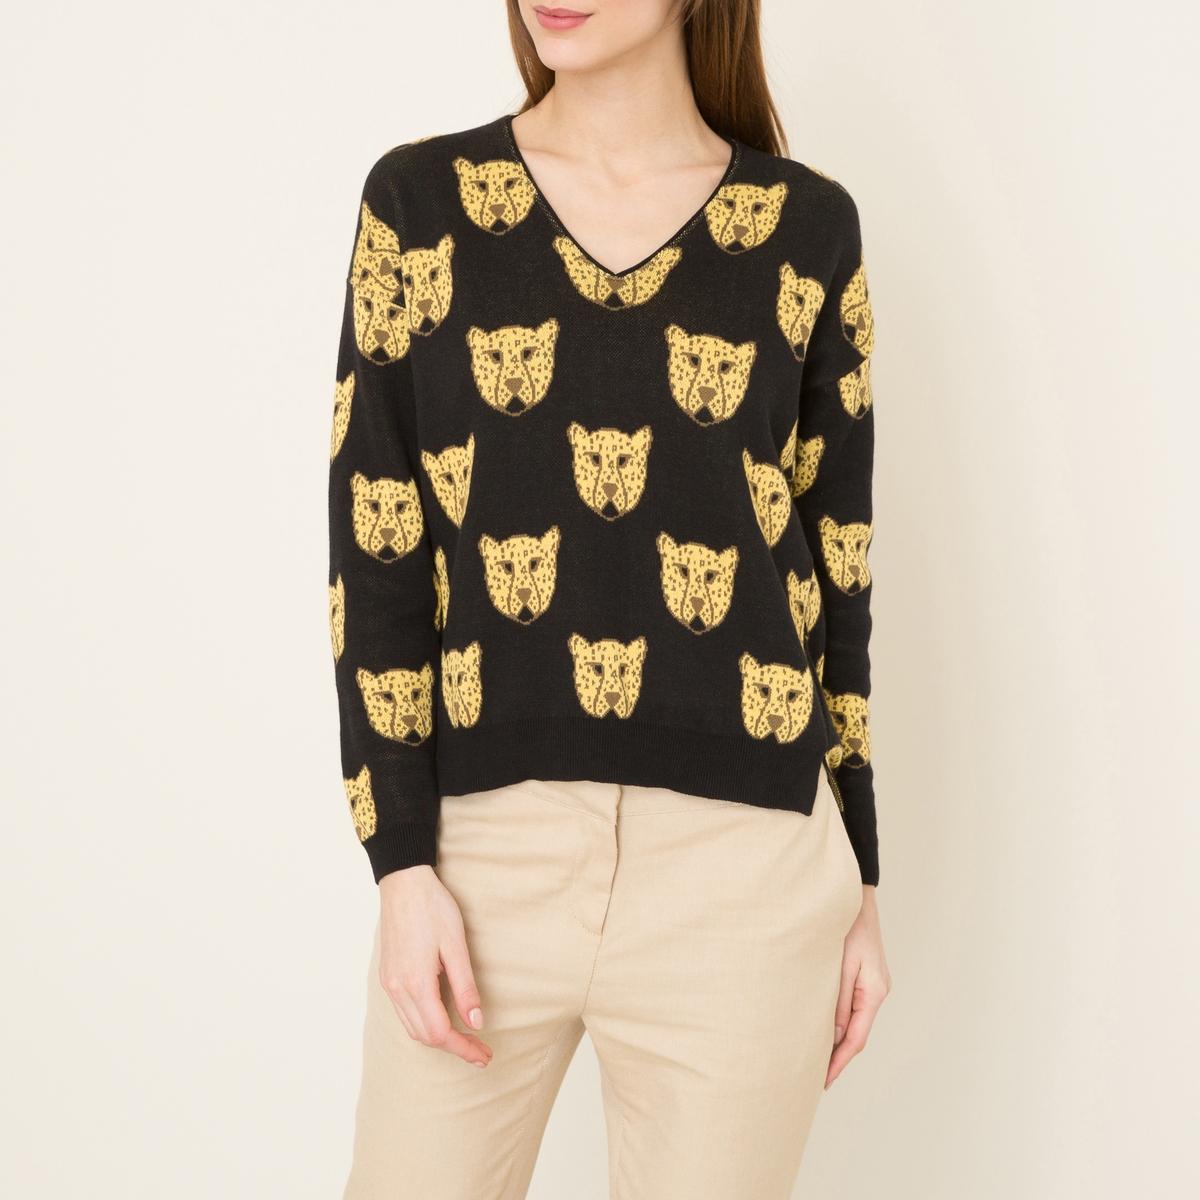 Пуловер GRRRПуловер BLUNE - модель GRRR с жаккардовым рисунком леопард. V-образный вырез с подвернутым краем. Однотонные манжеты и низ связаны в рубчик. Длинные рукава. Удлиненная спинка, разрезы по бокам.Состав и описание Материал : 100% хлопокМарка : BLUNE<br><br>Цвет: черный